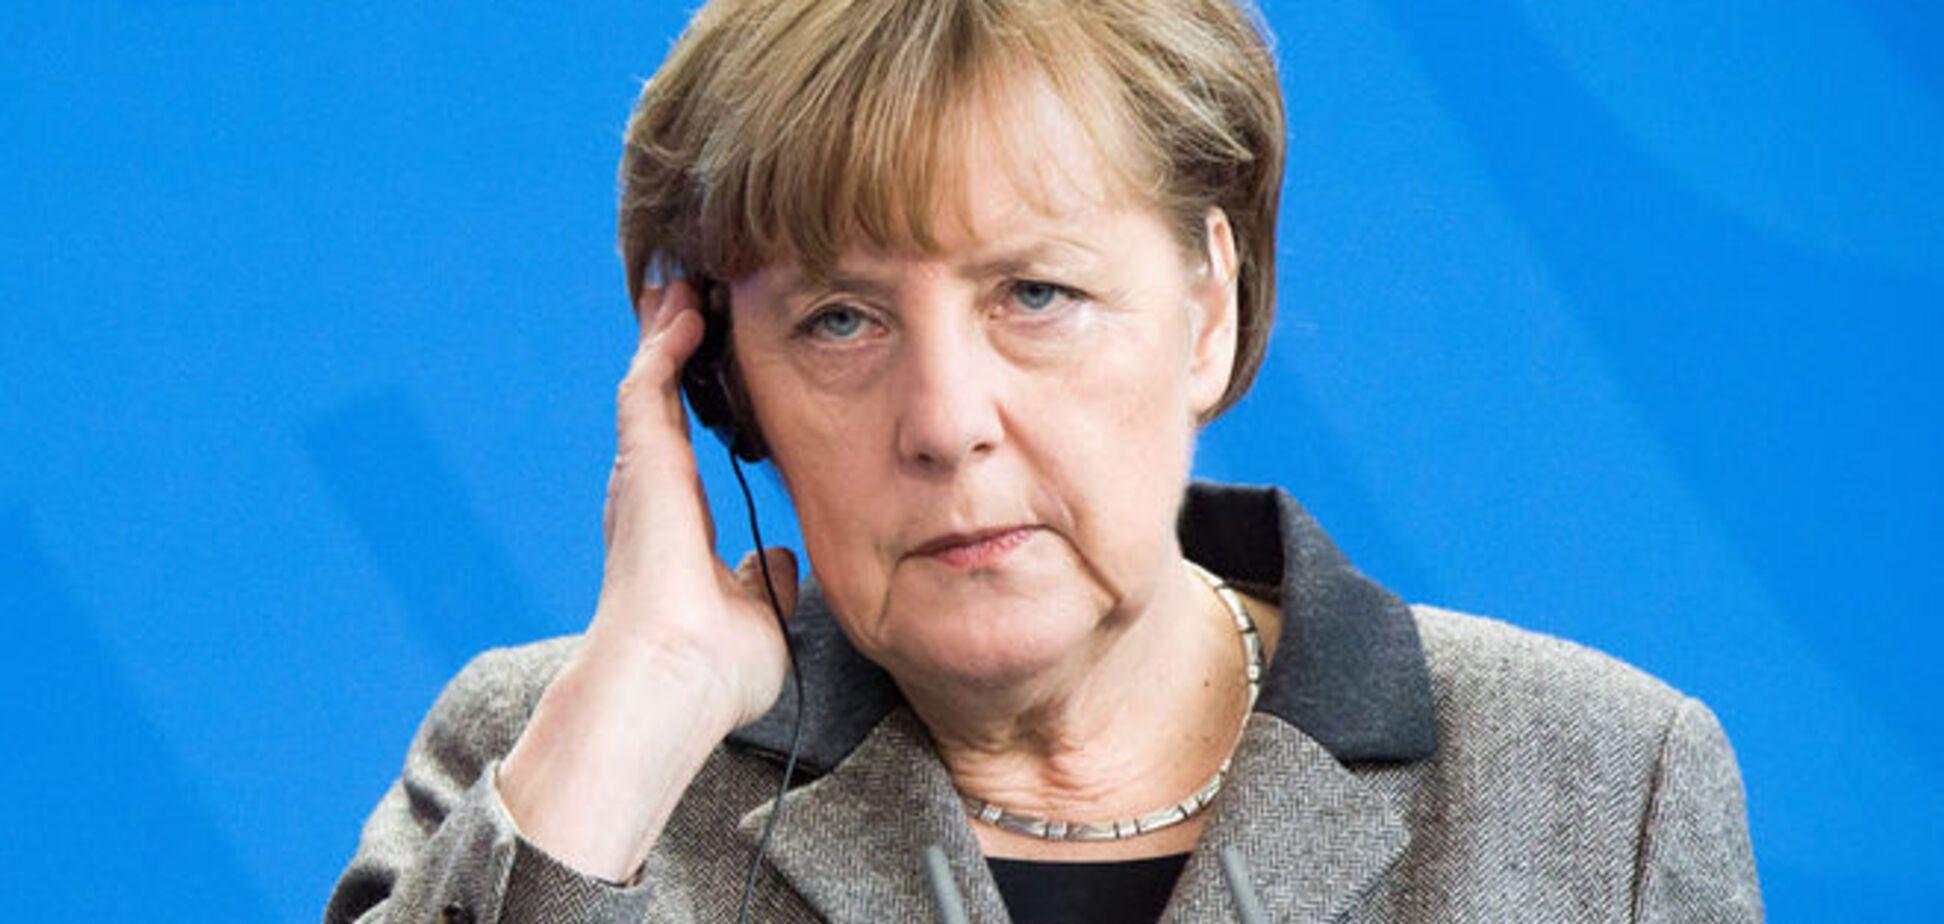 Меркель потрясена 'подлым убийством' Немцова и ждет от Путина гарантий правосудия